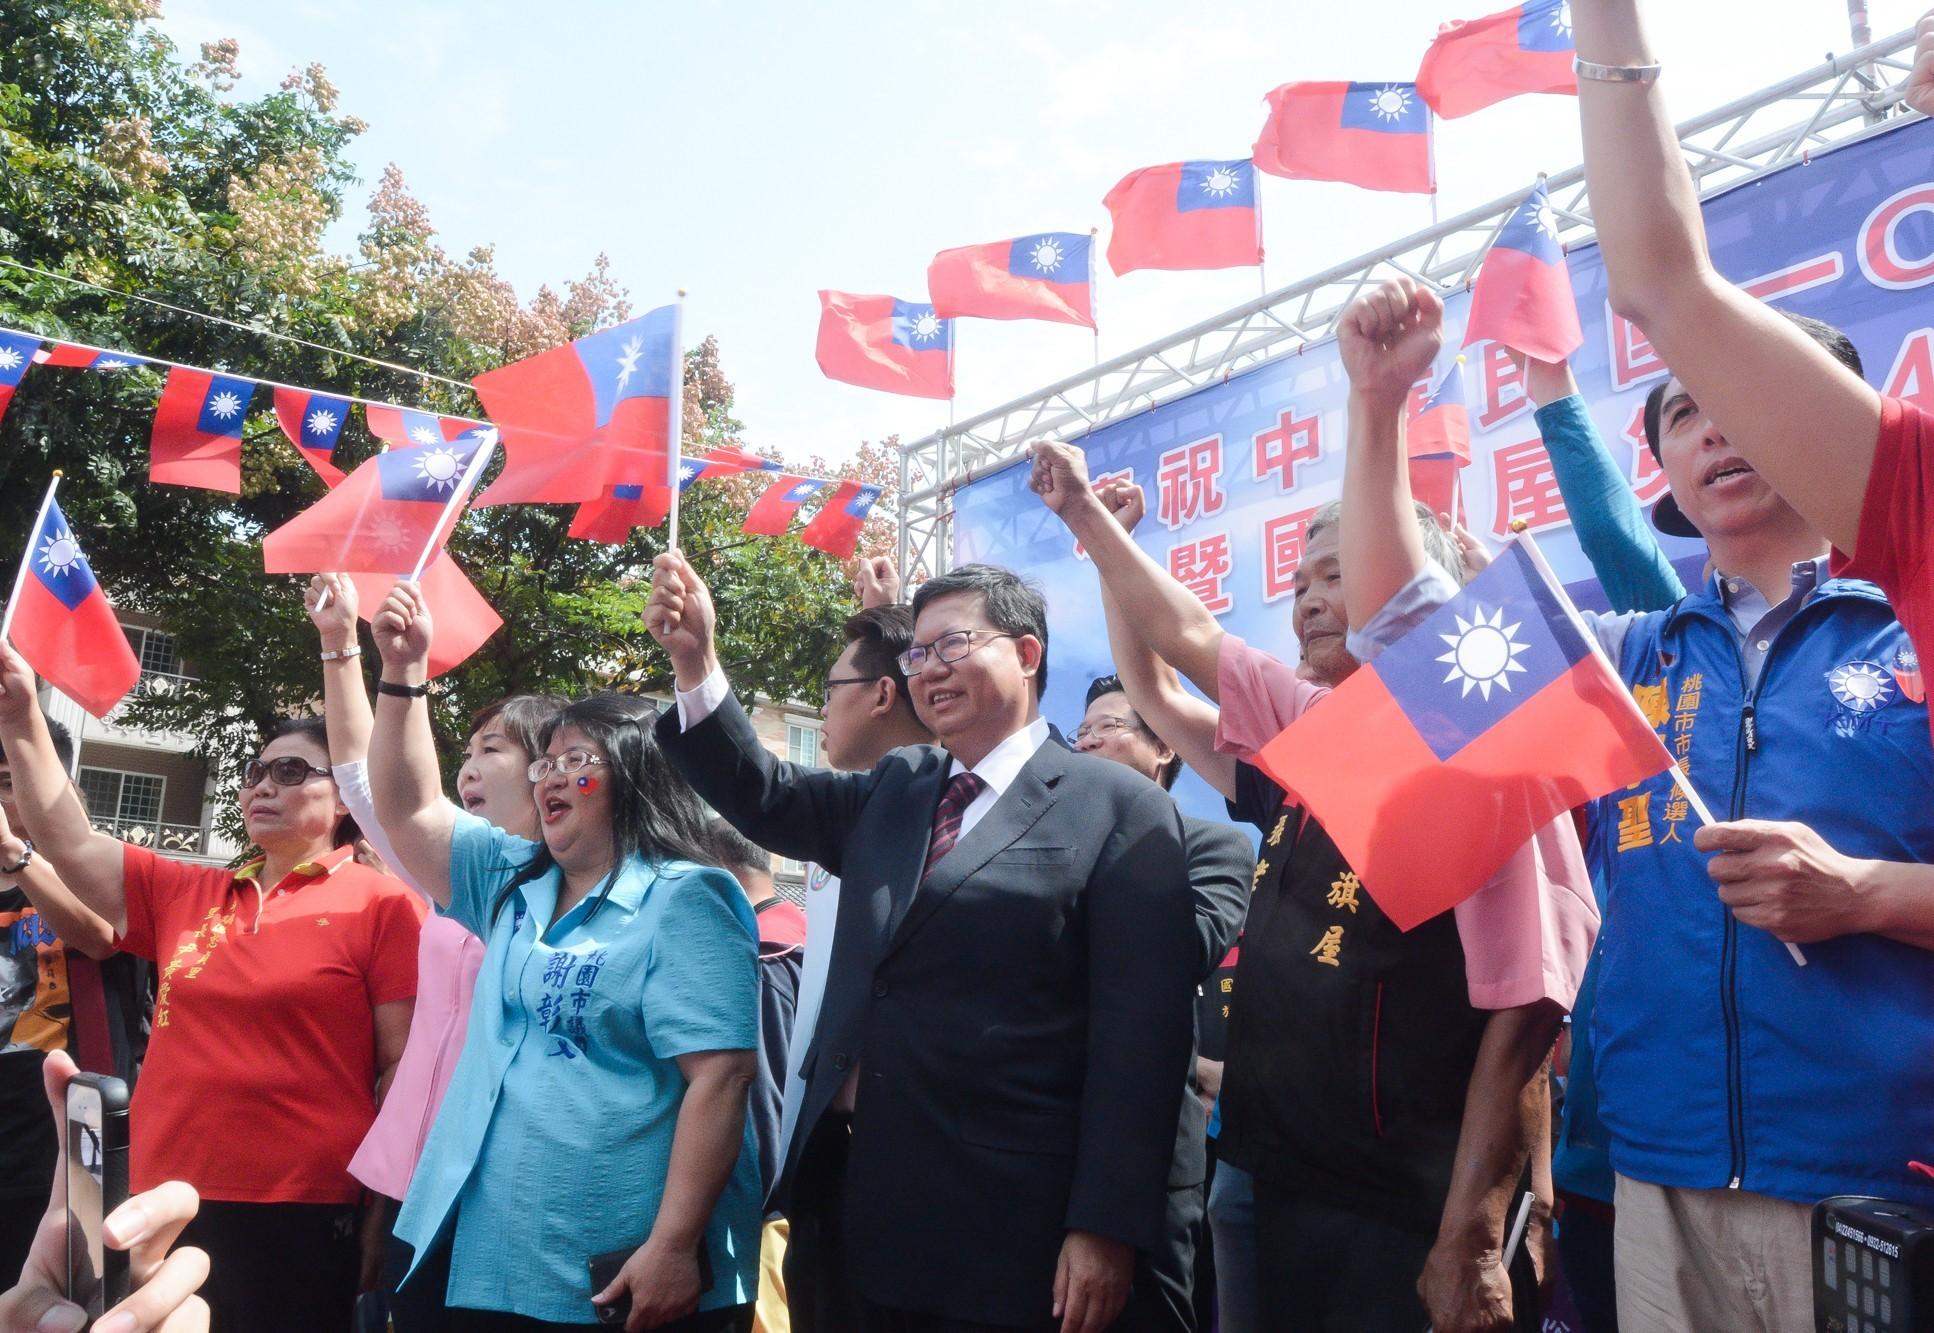 市長和與會來賓一起高舉國旗,慶祝國家生日快樂